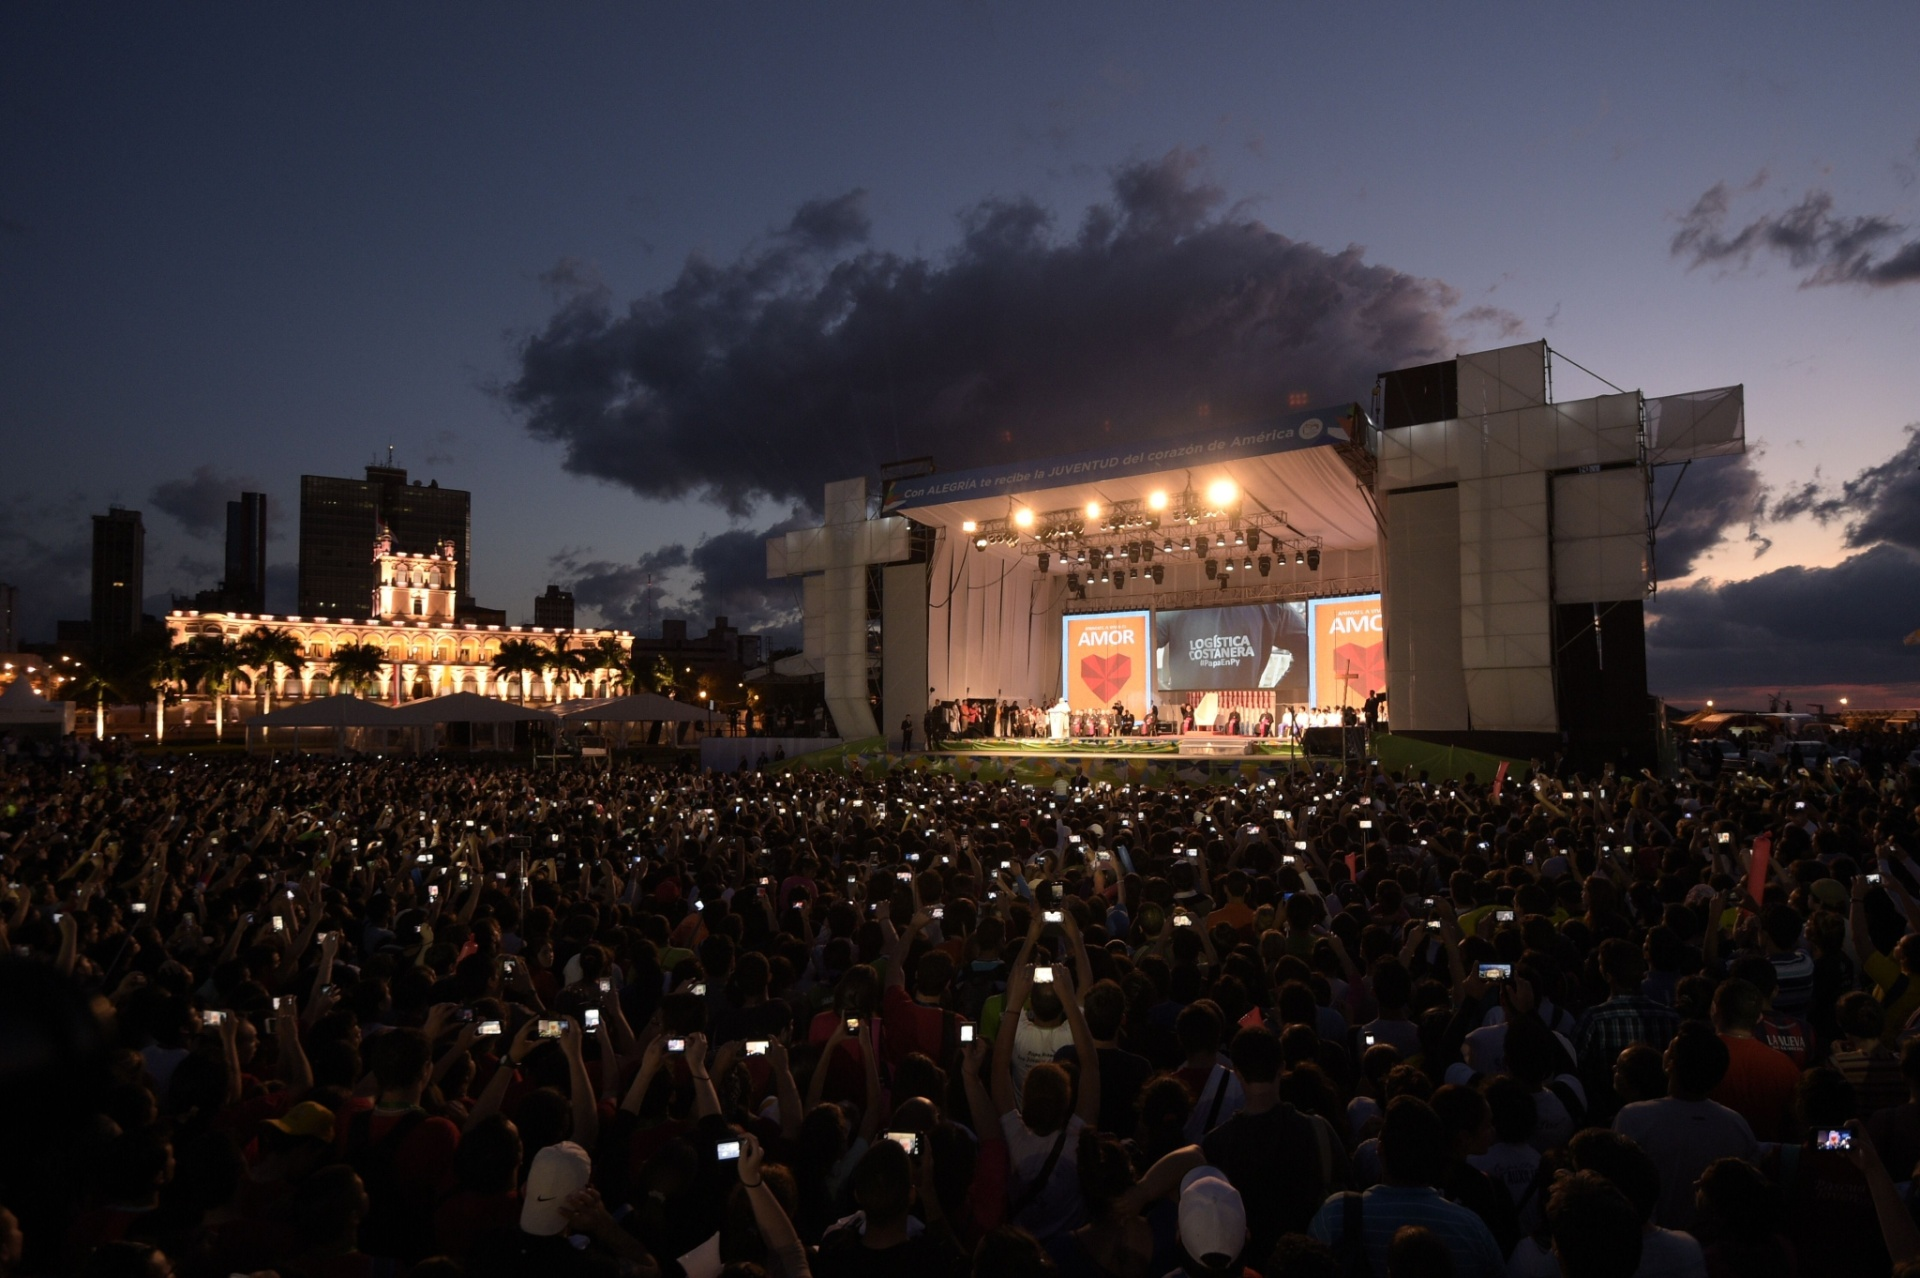 12.jul.2015 - Multidão acompanha missa celebrada pelo papa Francisco, no final da tarde deste domingo (12), em Assunção, no Paraguai. Hoje é o último dia da viagem do pontífice à América do Sul, uma visita considerada